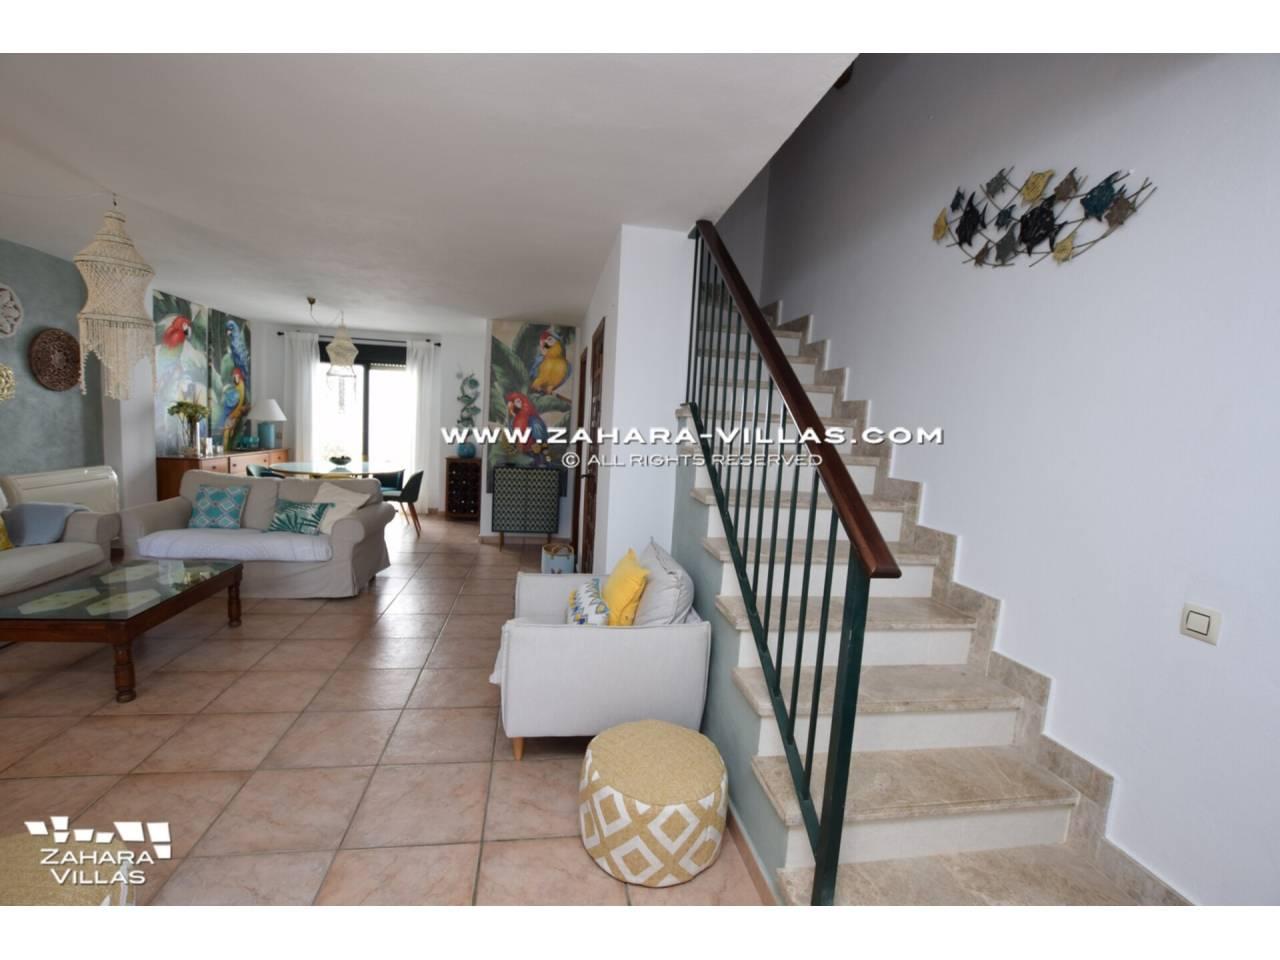 Imagen 5 de Casa Adosada con vistas al mar en venta en Urb. Jardines de Zahara